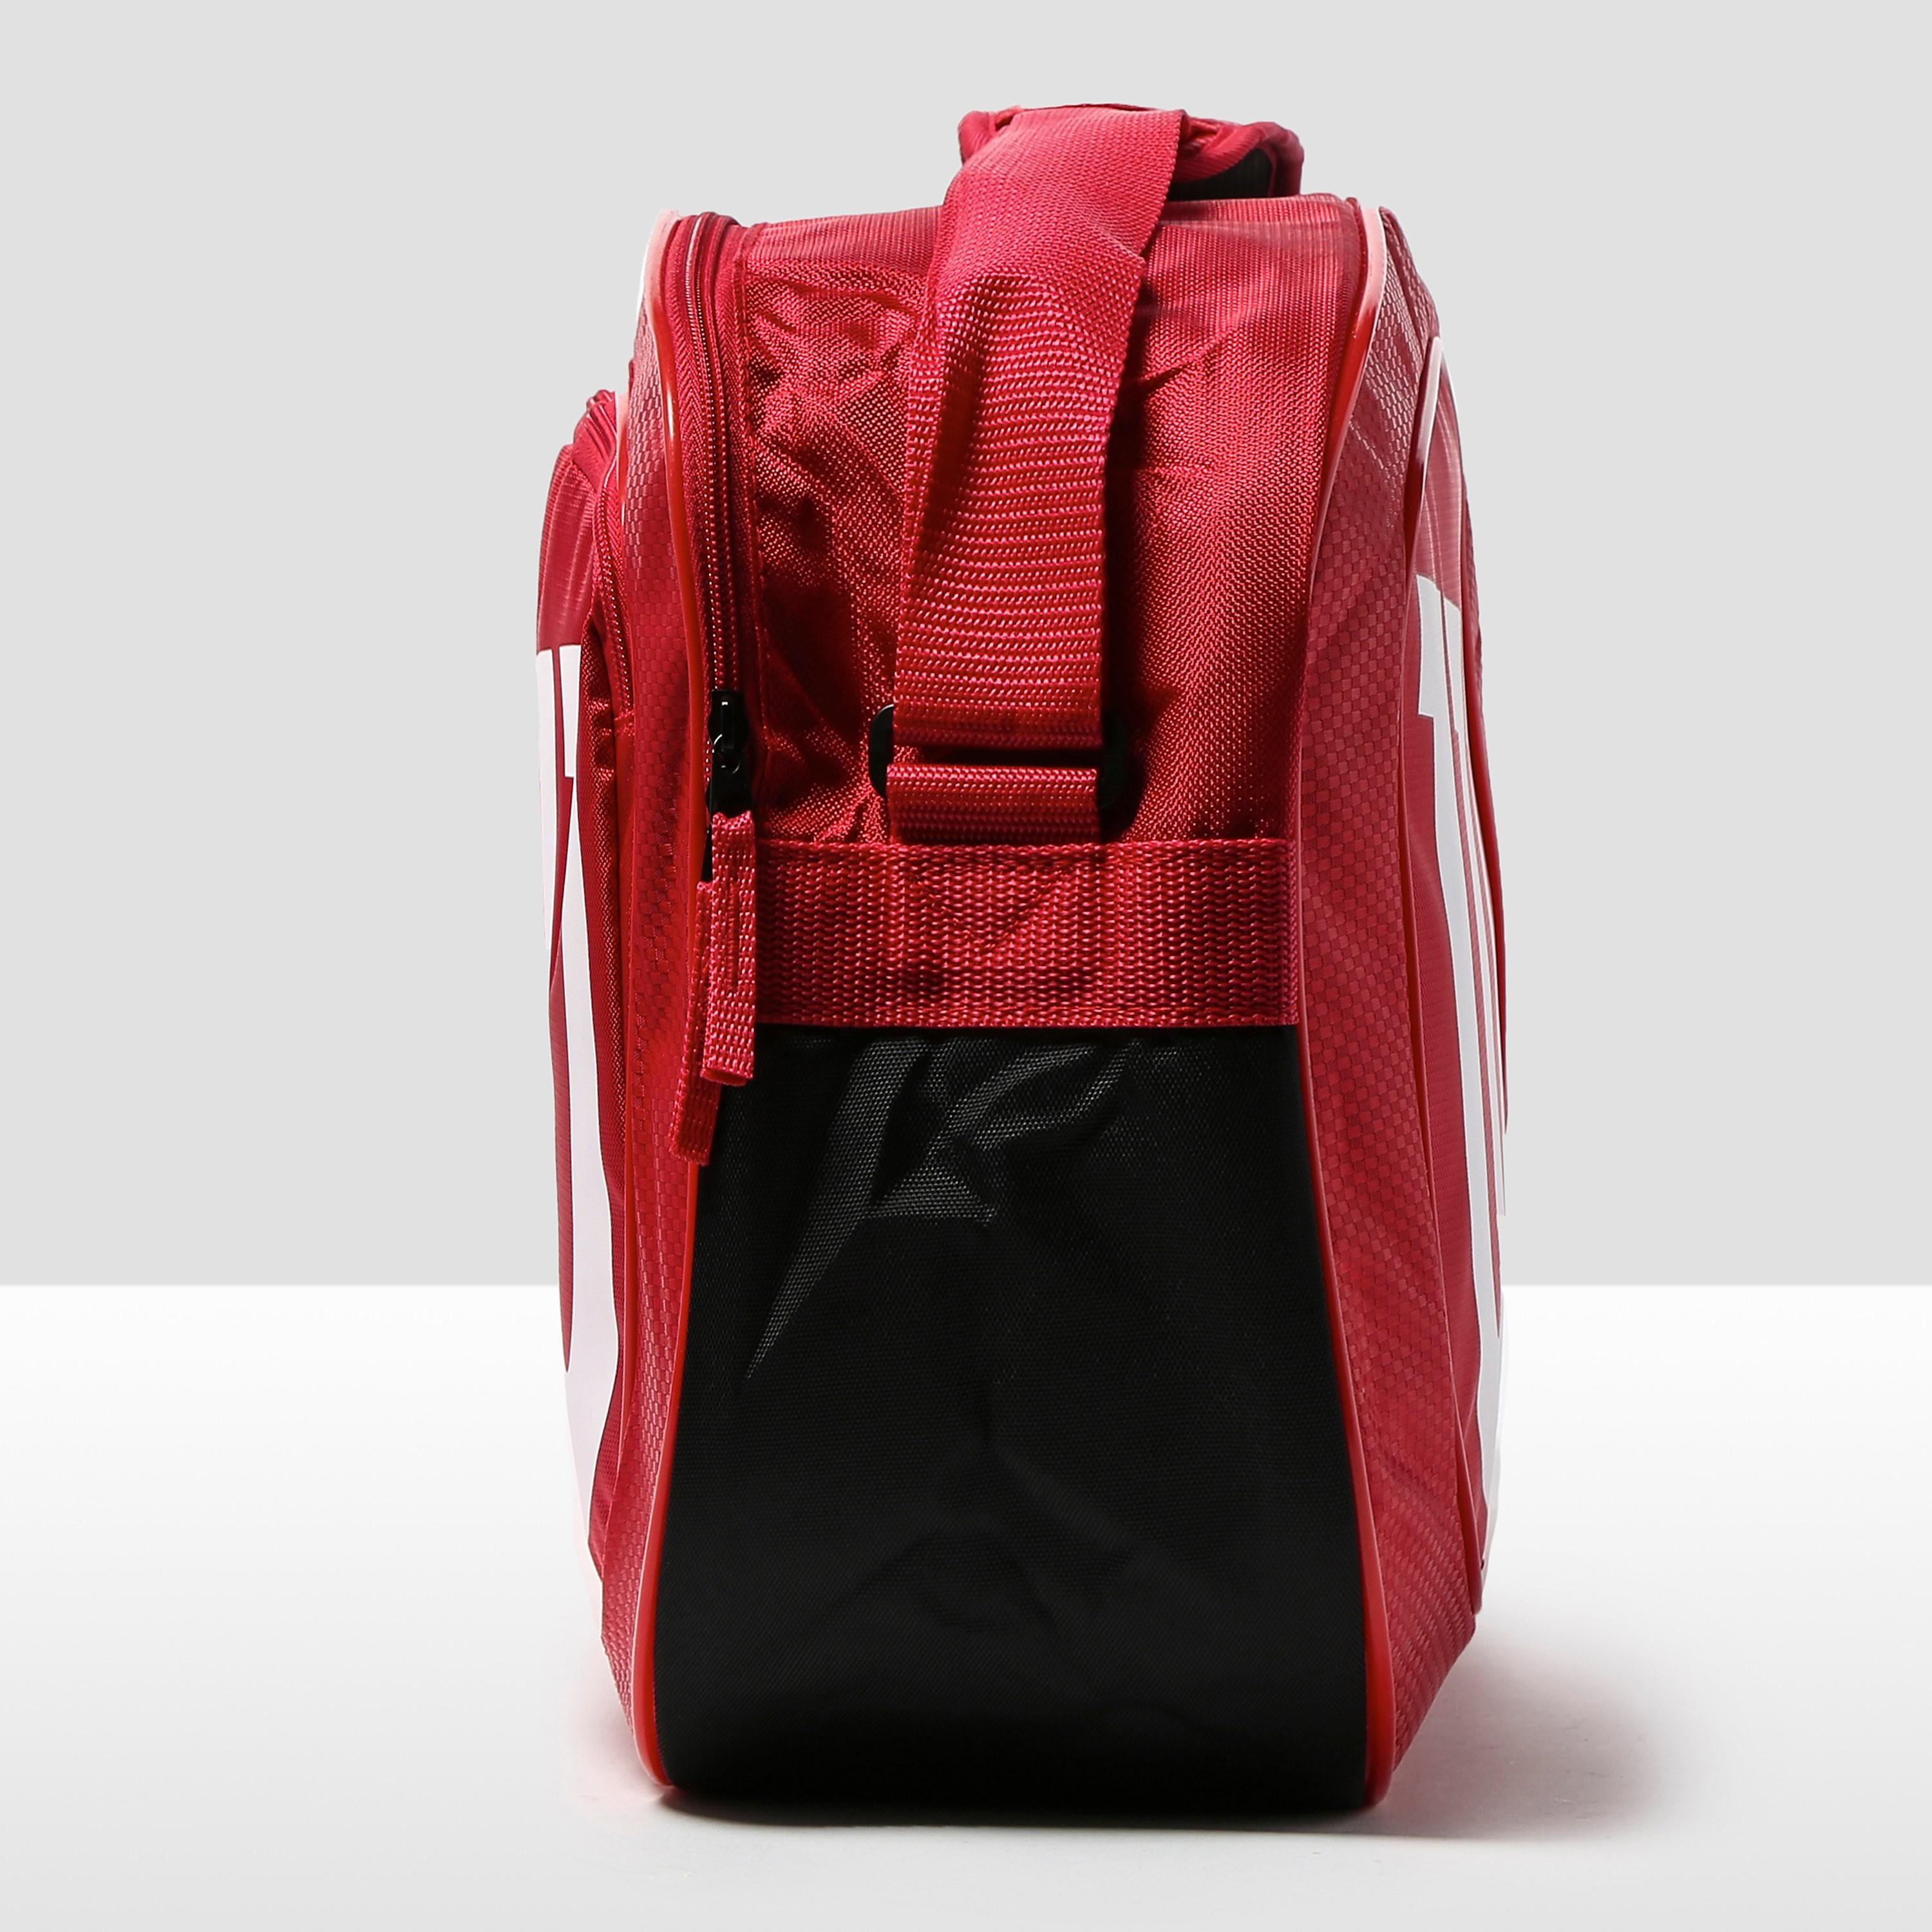 Wilson Team 3 Pack Racket Bag